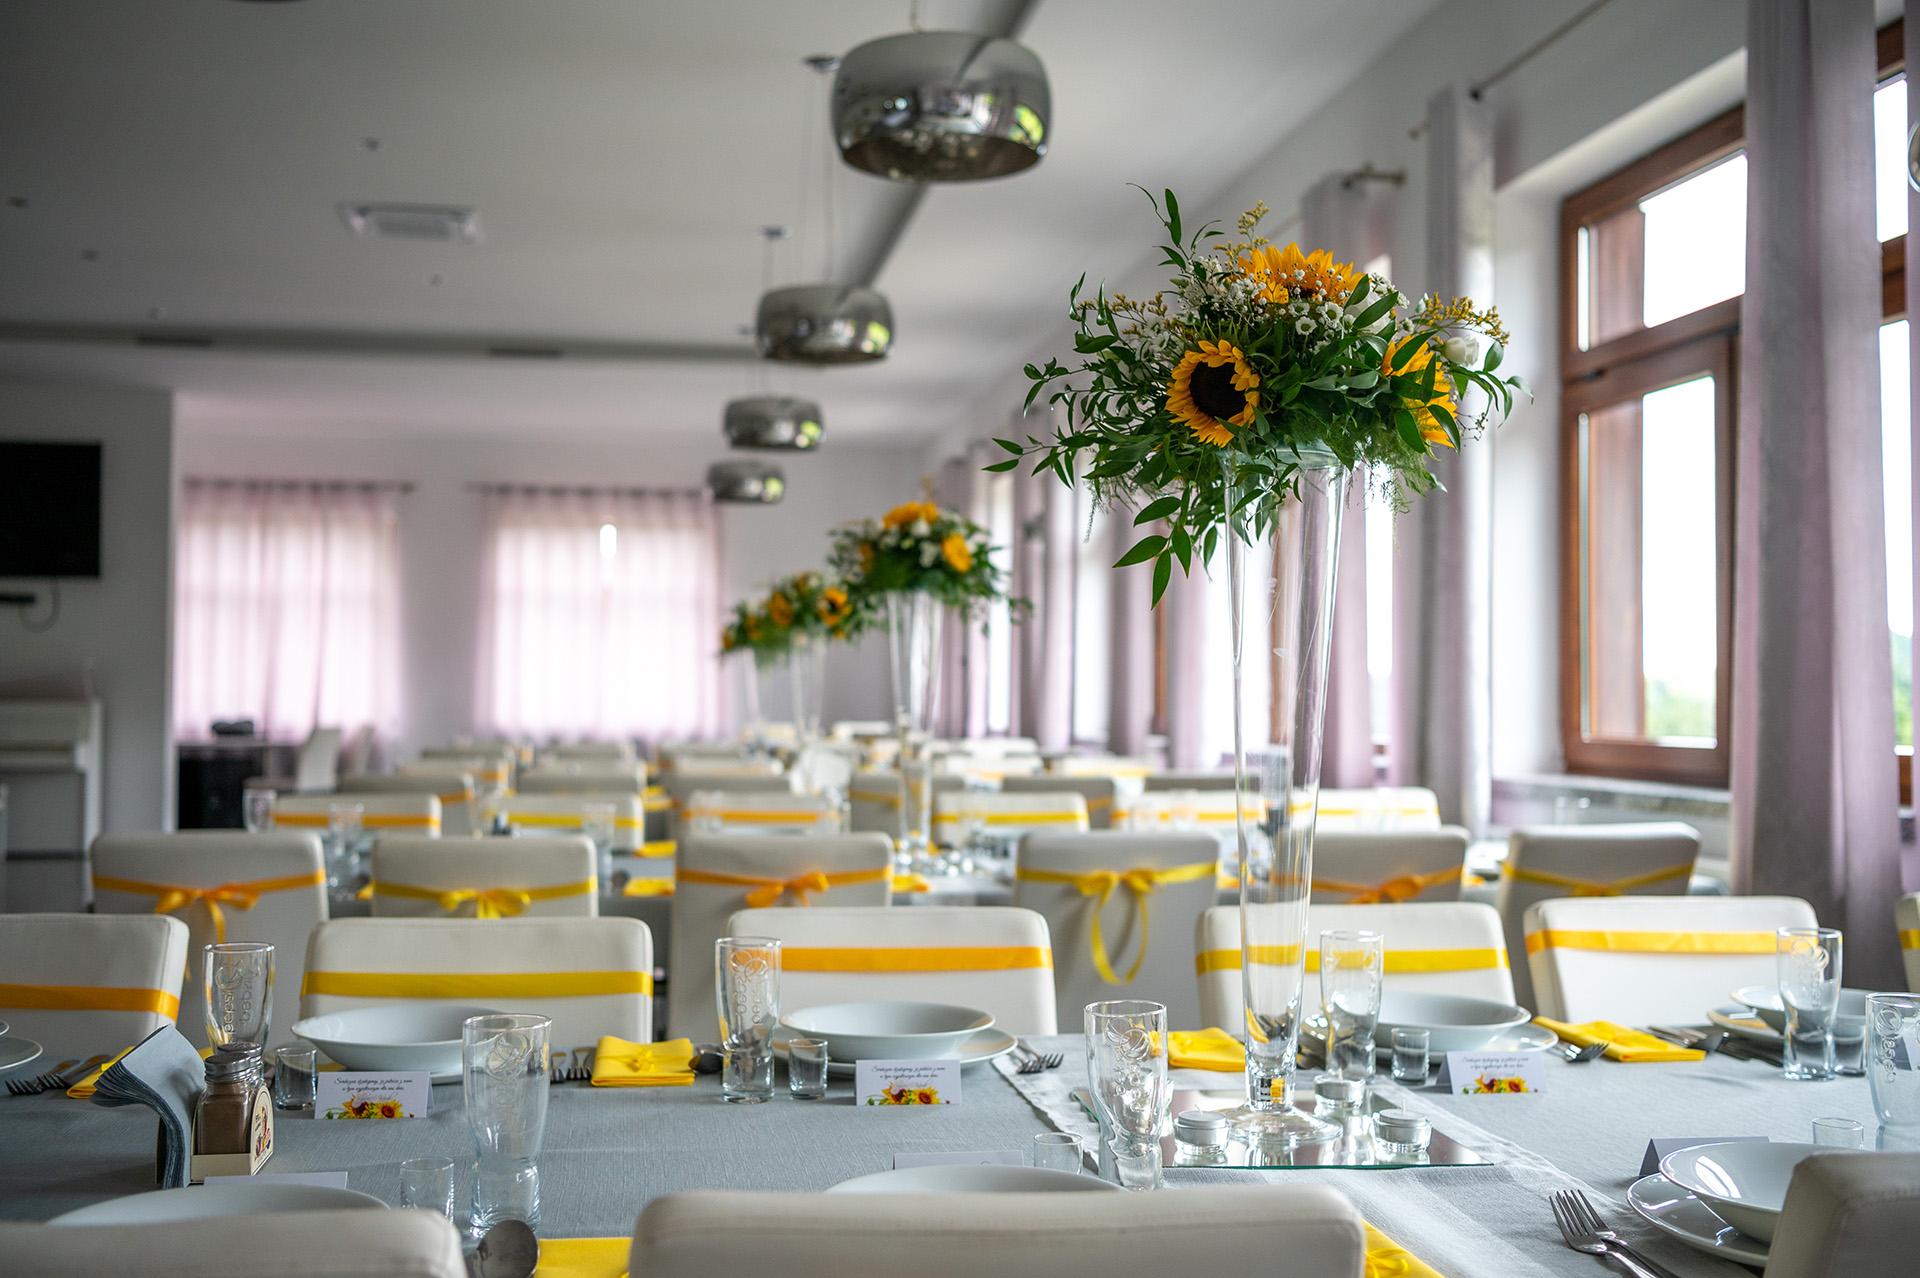 dekoracja sali weselnej zdjęcia ślubne przygotowania